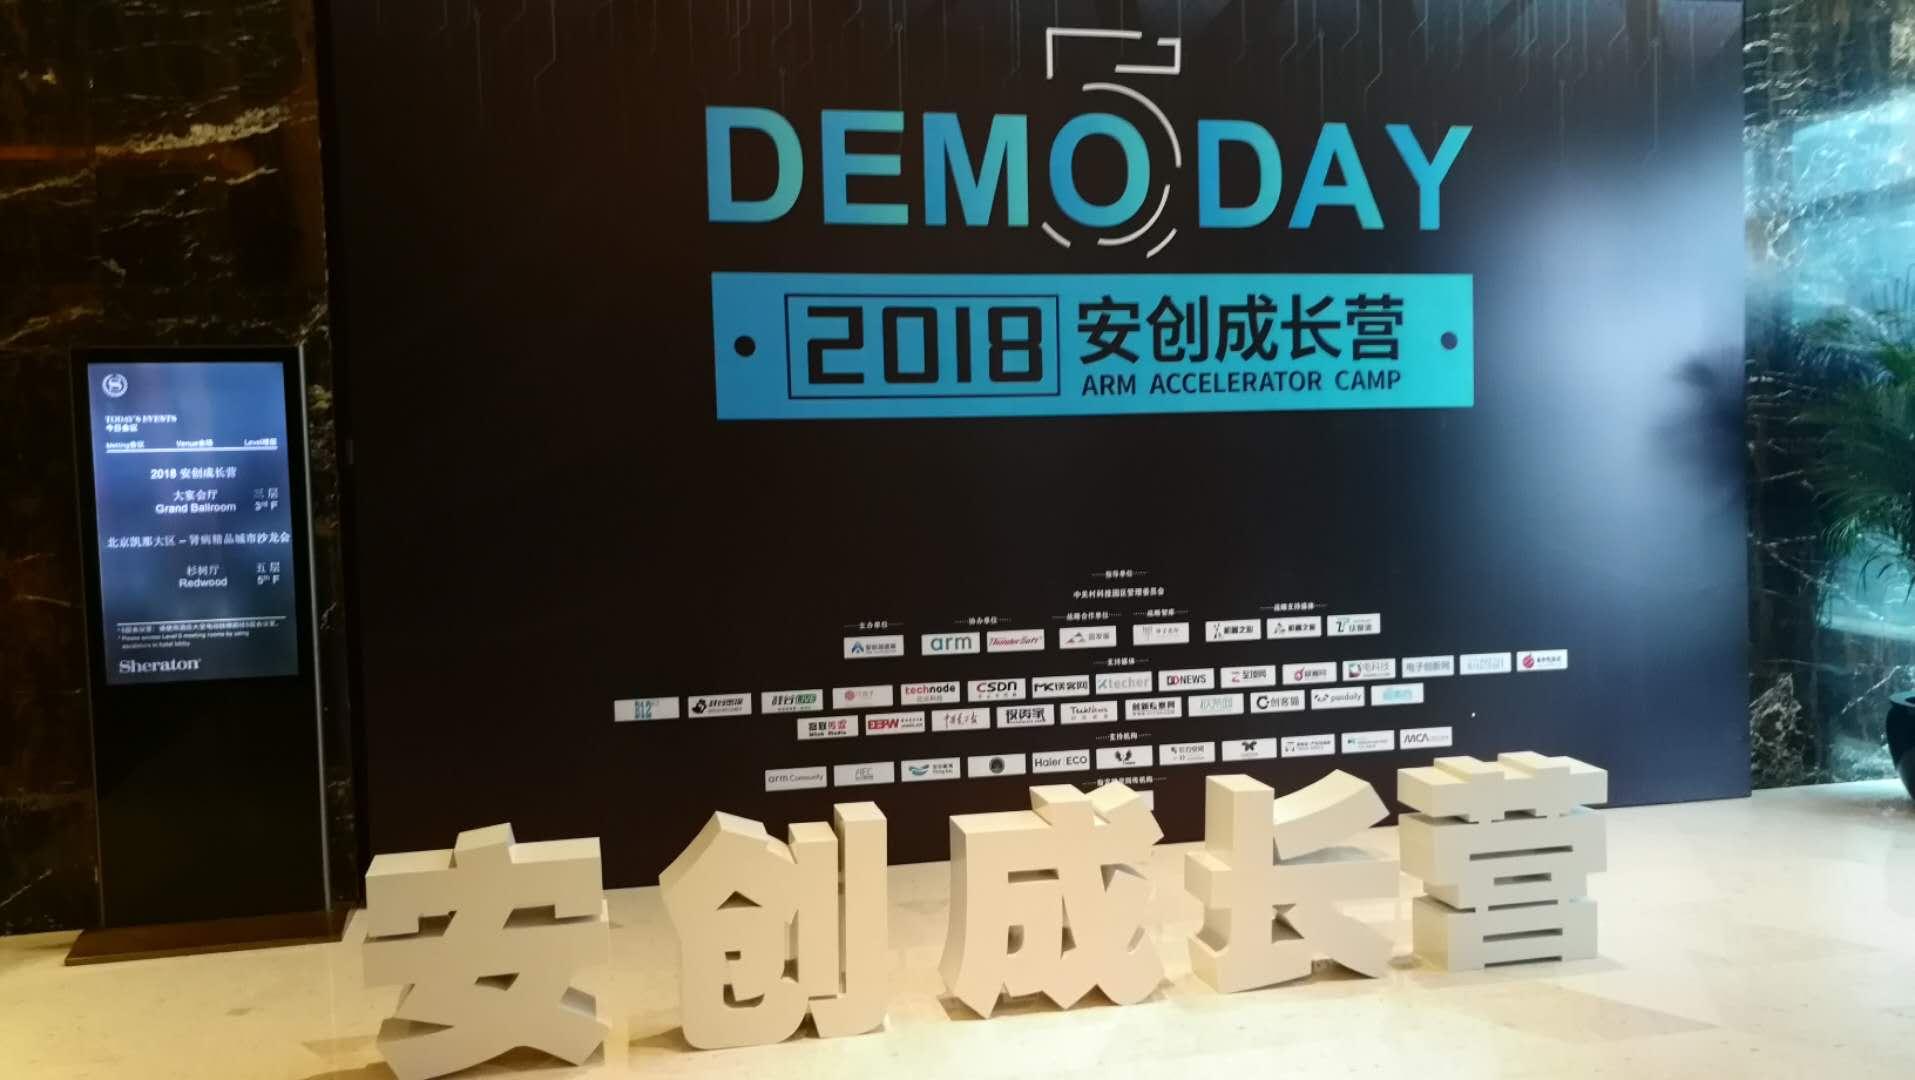 【企服快讯】安创成长营五期Demo Day收官